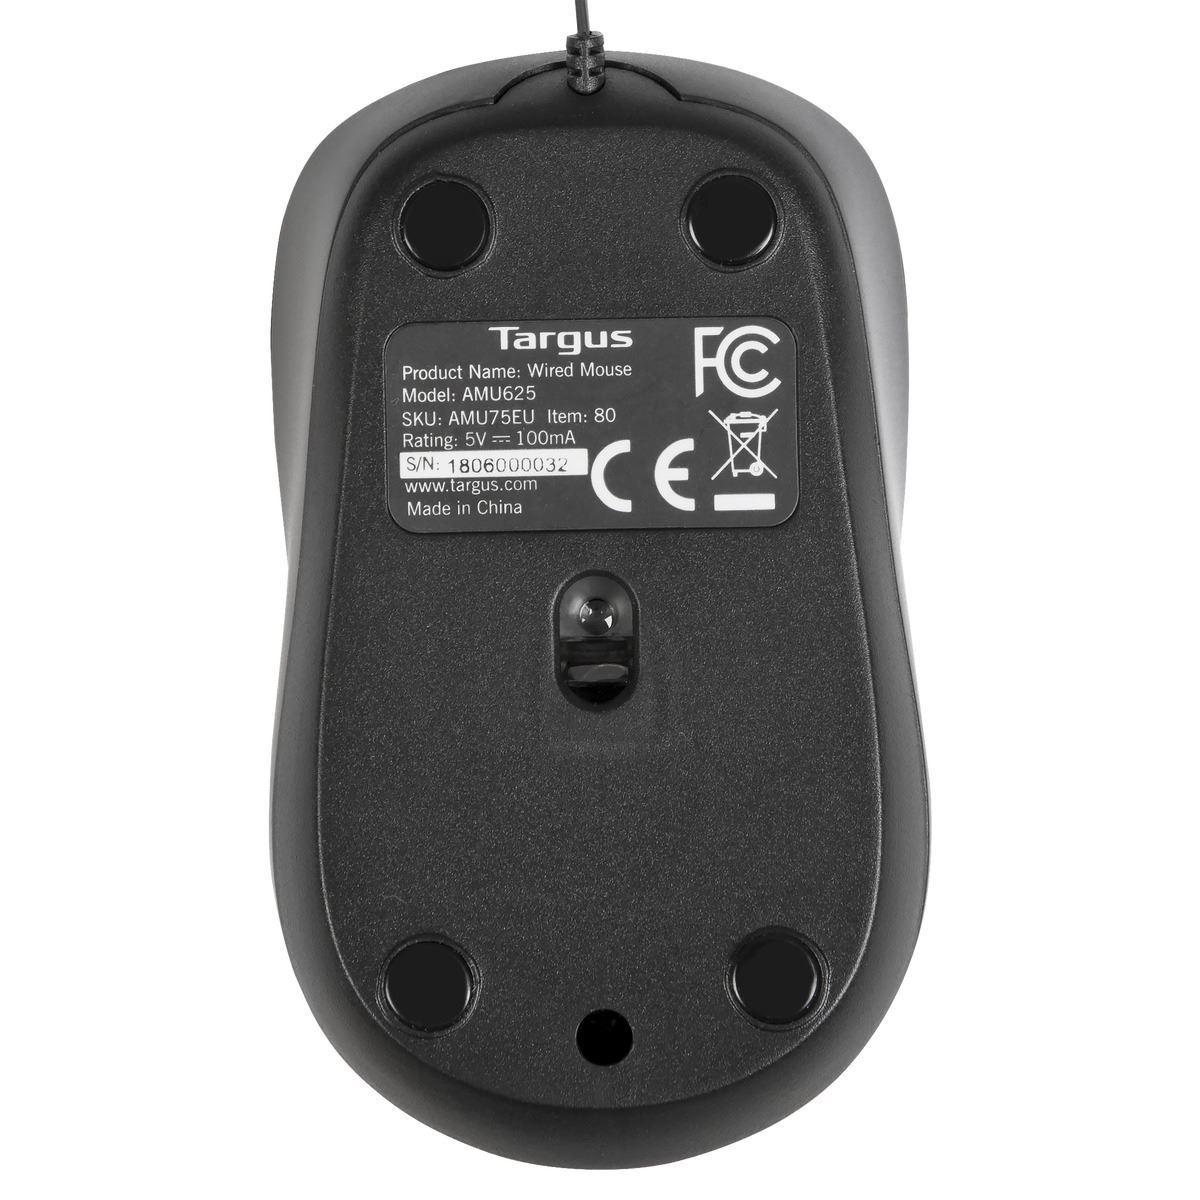 AMU75EU Compact Optical Mouse (zwart/grijs)